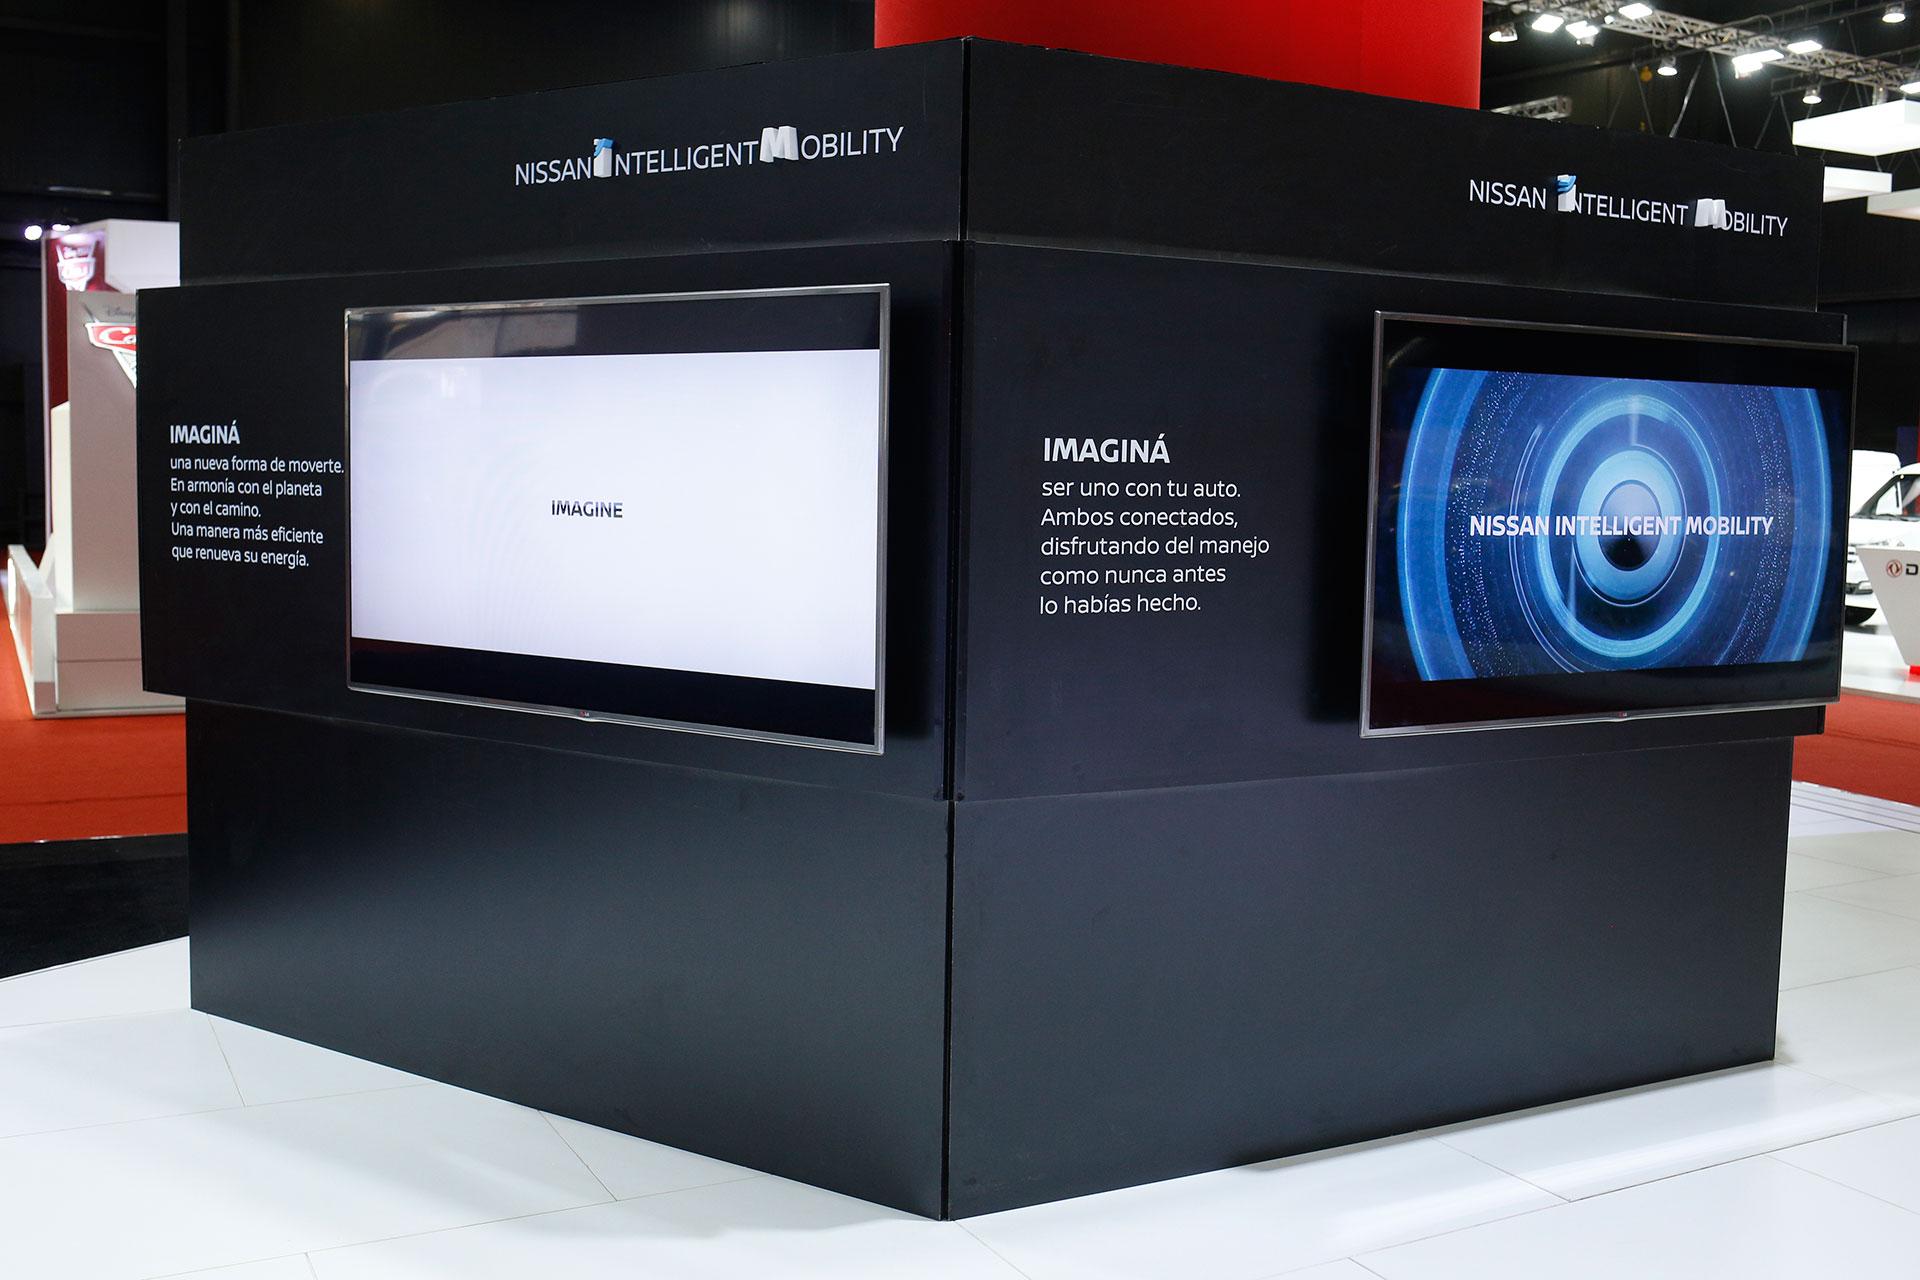 Nissan Intelligent Mobility. En Nissan, la Movilidad Inteligente abarca tres áreas principales de innovación que sirven de inspiración para impulsar, manejar e integrar los autos a la sociedad. Desde autos que te llevan hasta un lugar específico y se estacionan solos, hasta carriles que cargan unvehículo eléctrico